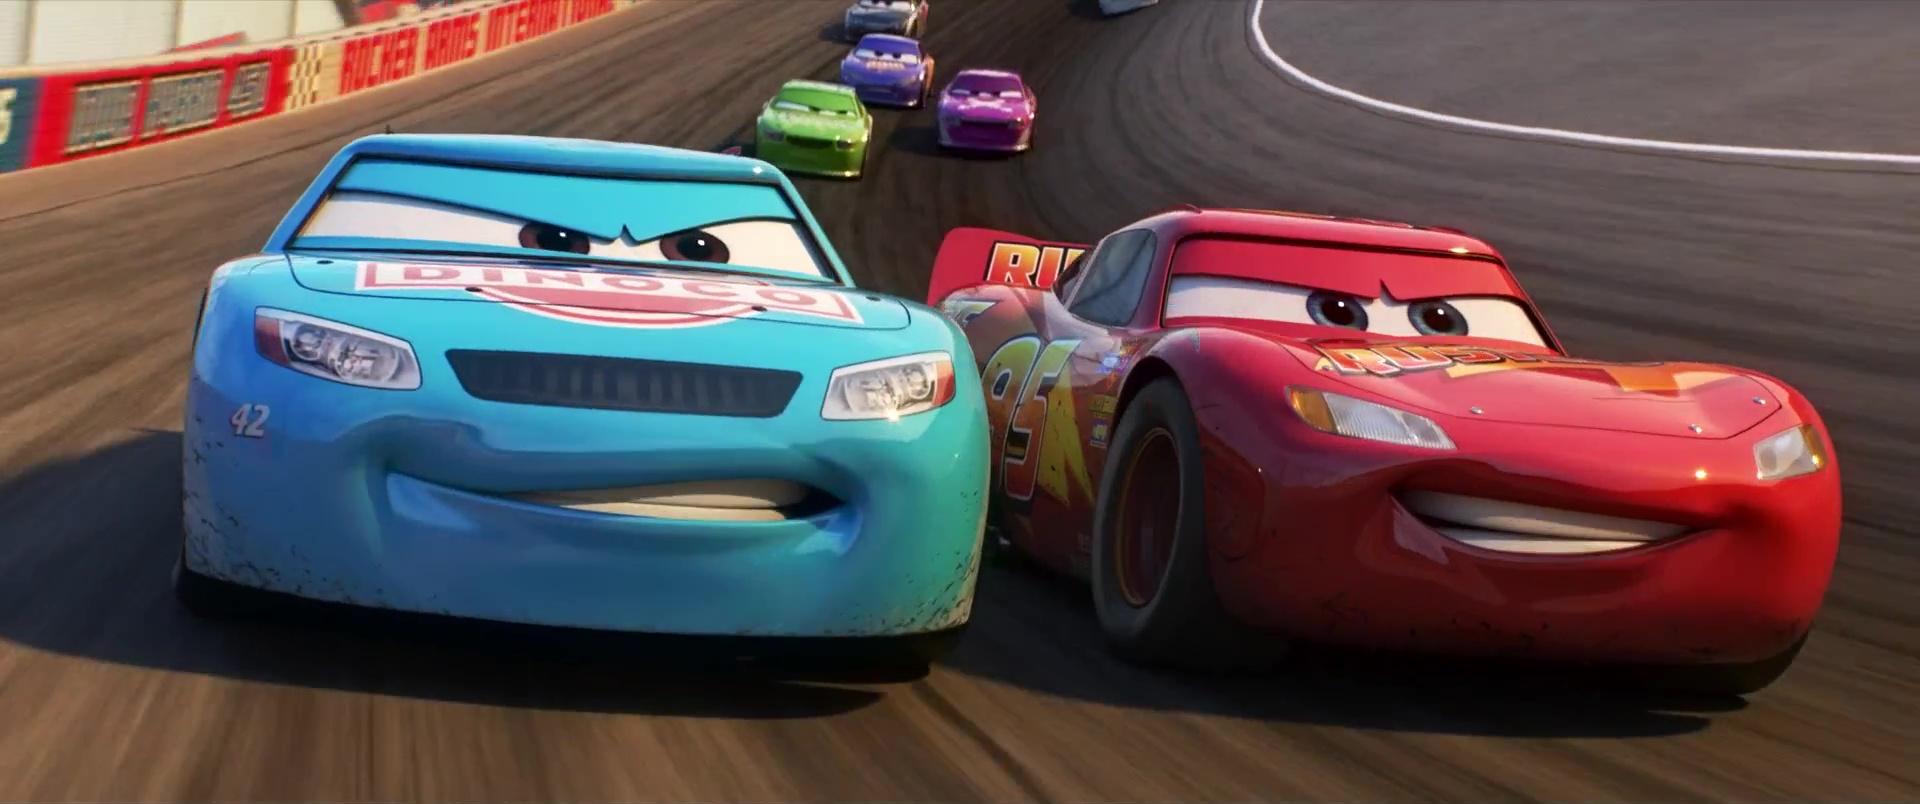 jimmy cables personnage dans cars 3 pixar planet fr. Black Bedroom Furniture Sets. Home Design Ideas